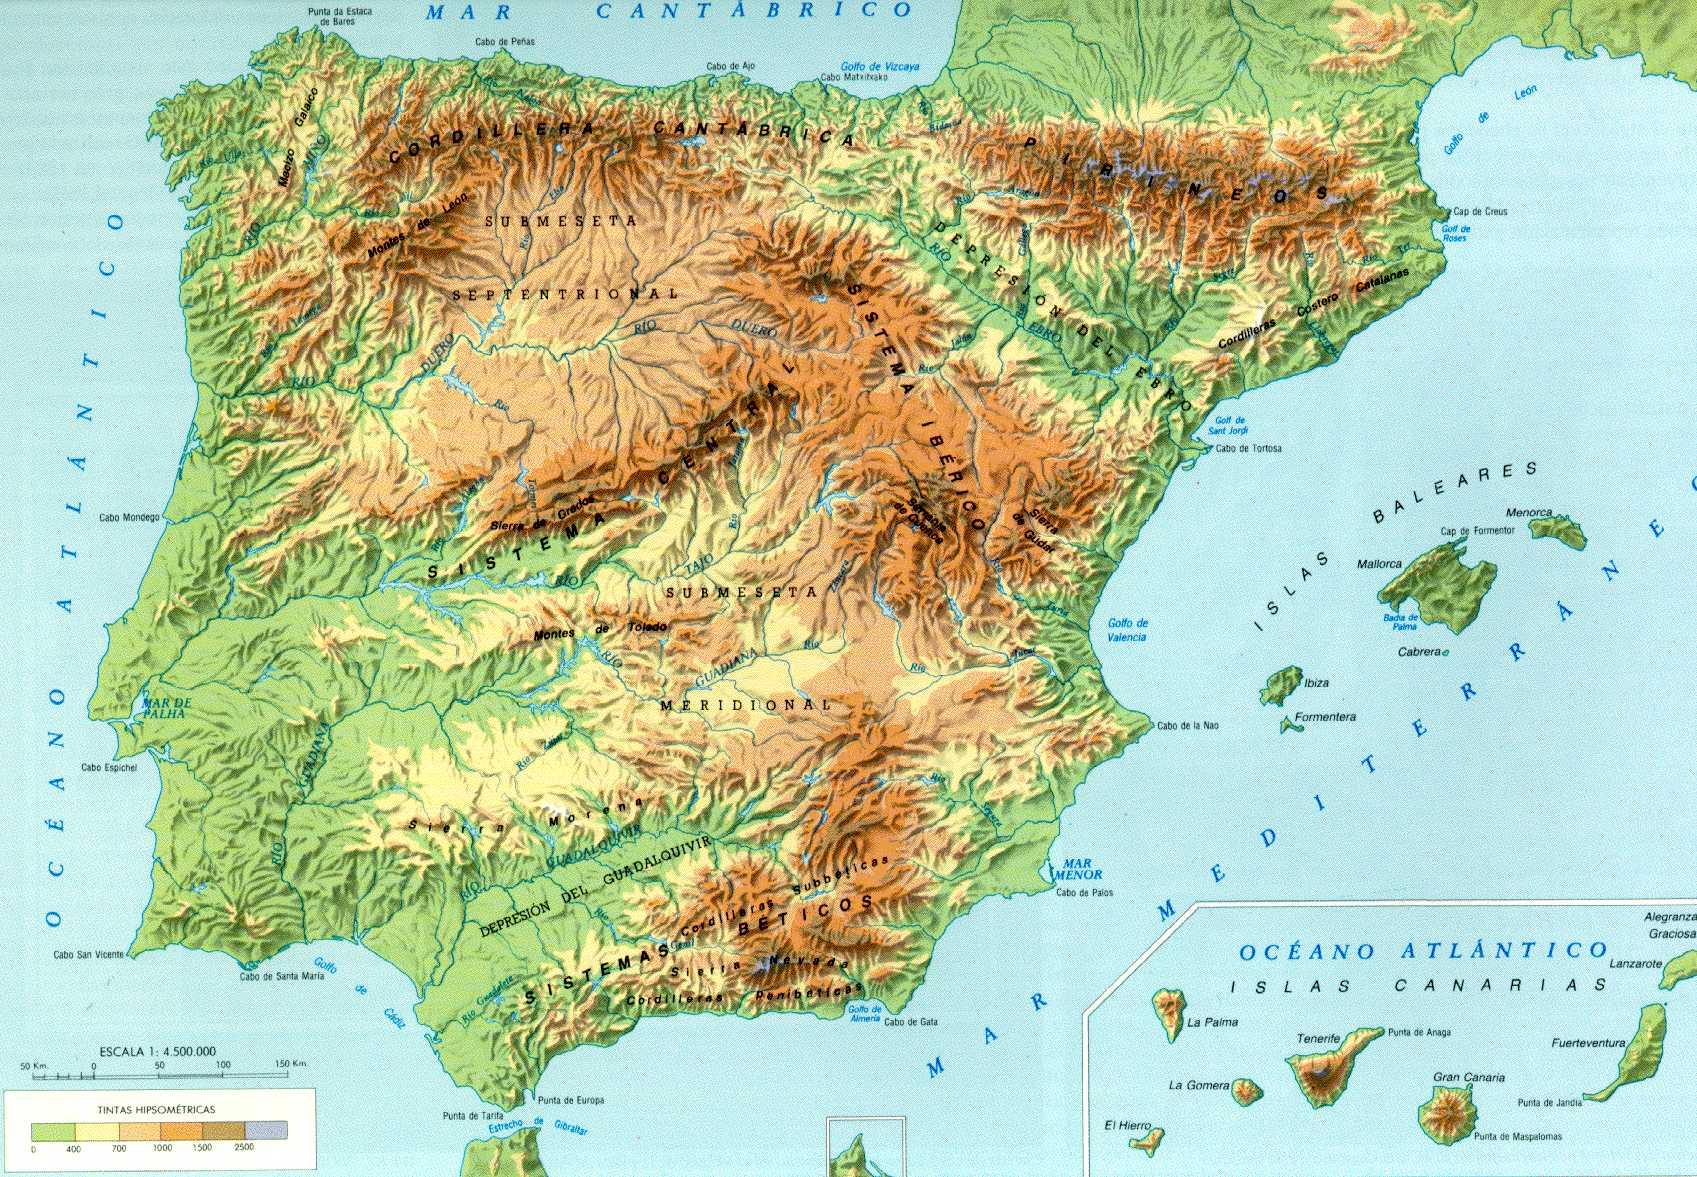 mapa fisico de espanha Spain motorcycle :. Motorcycle rental and routes on Spain mapa fisico de espanha